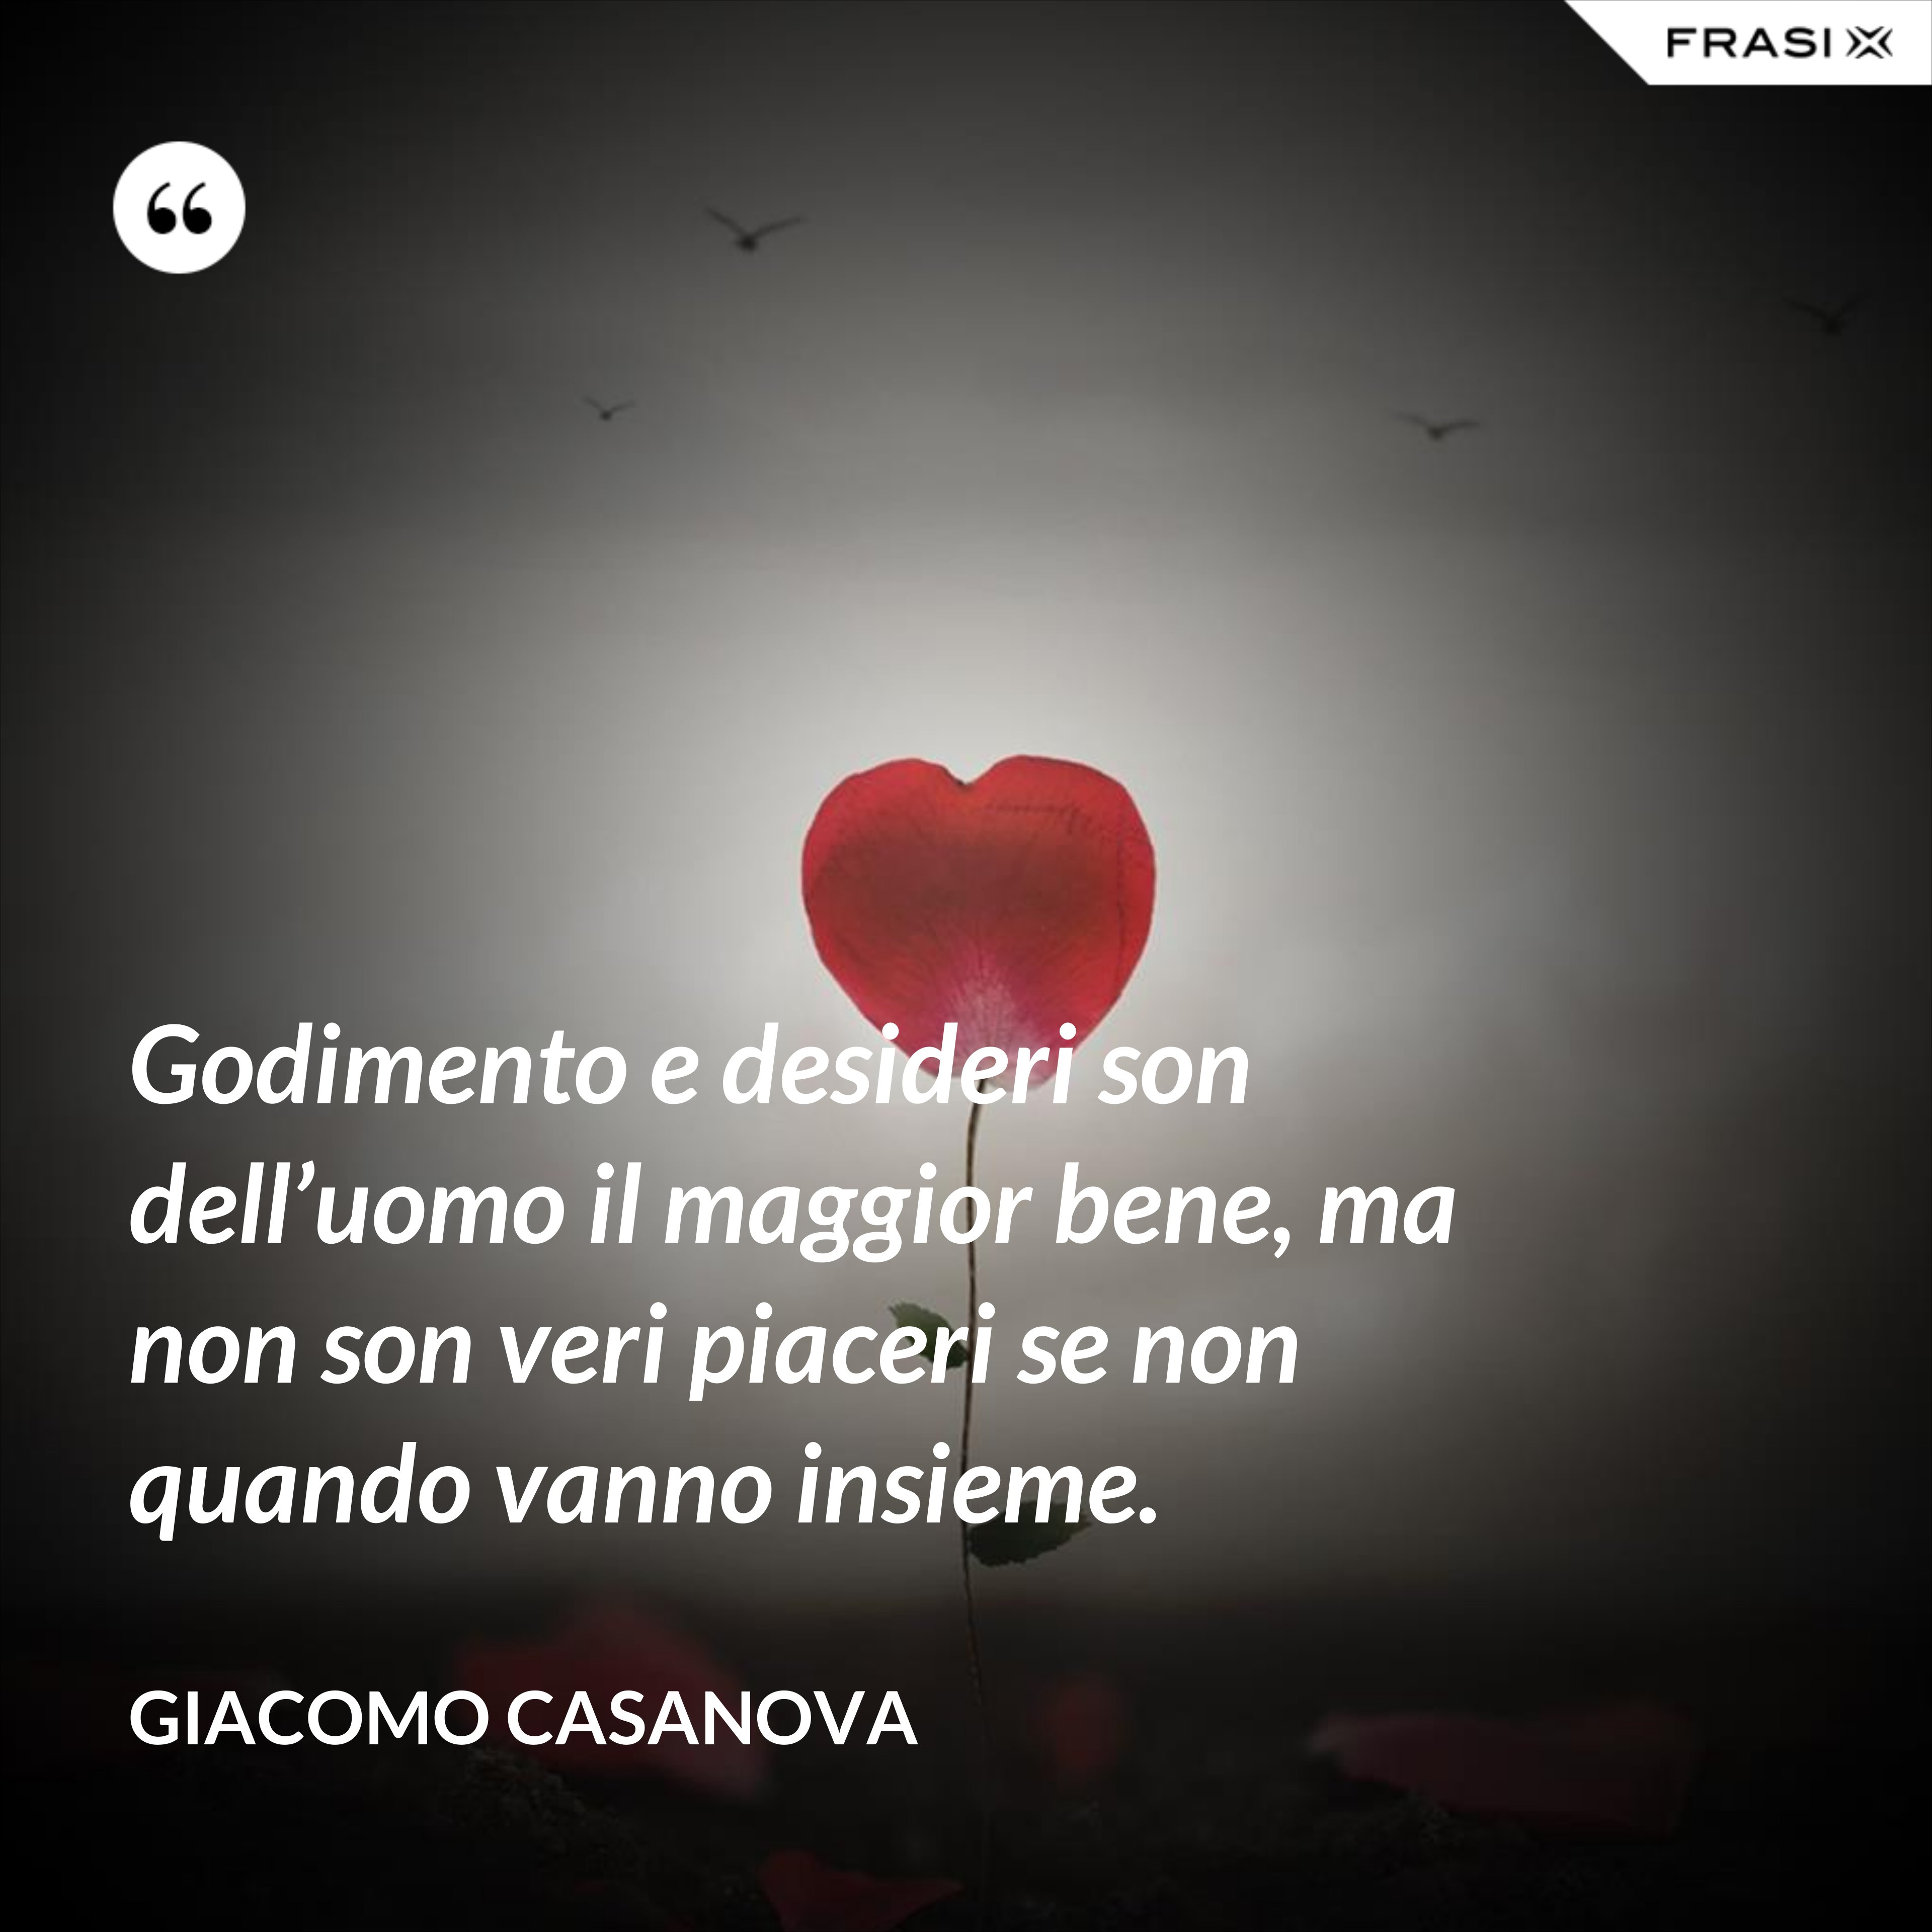 Godimento e desideri son dell'uomo il maggior bene, ma non son veri piaceri se non quando vanno insieme. - Giacomo Casanova